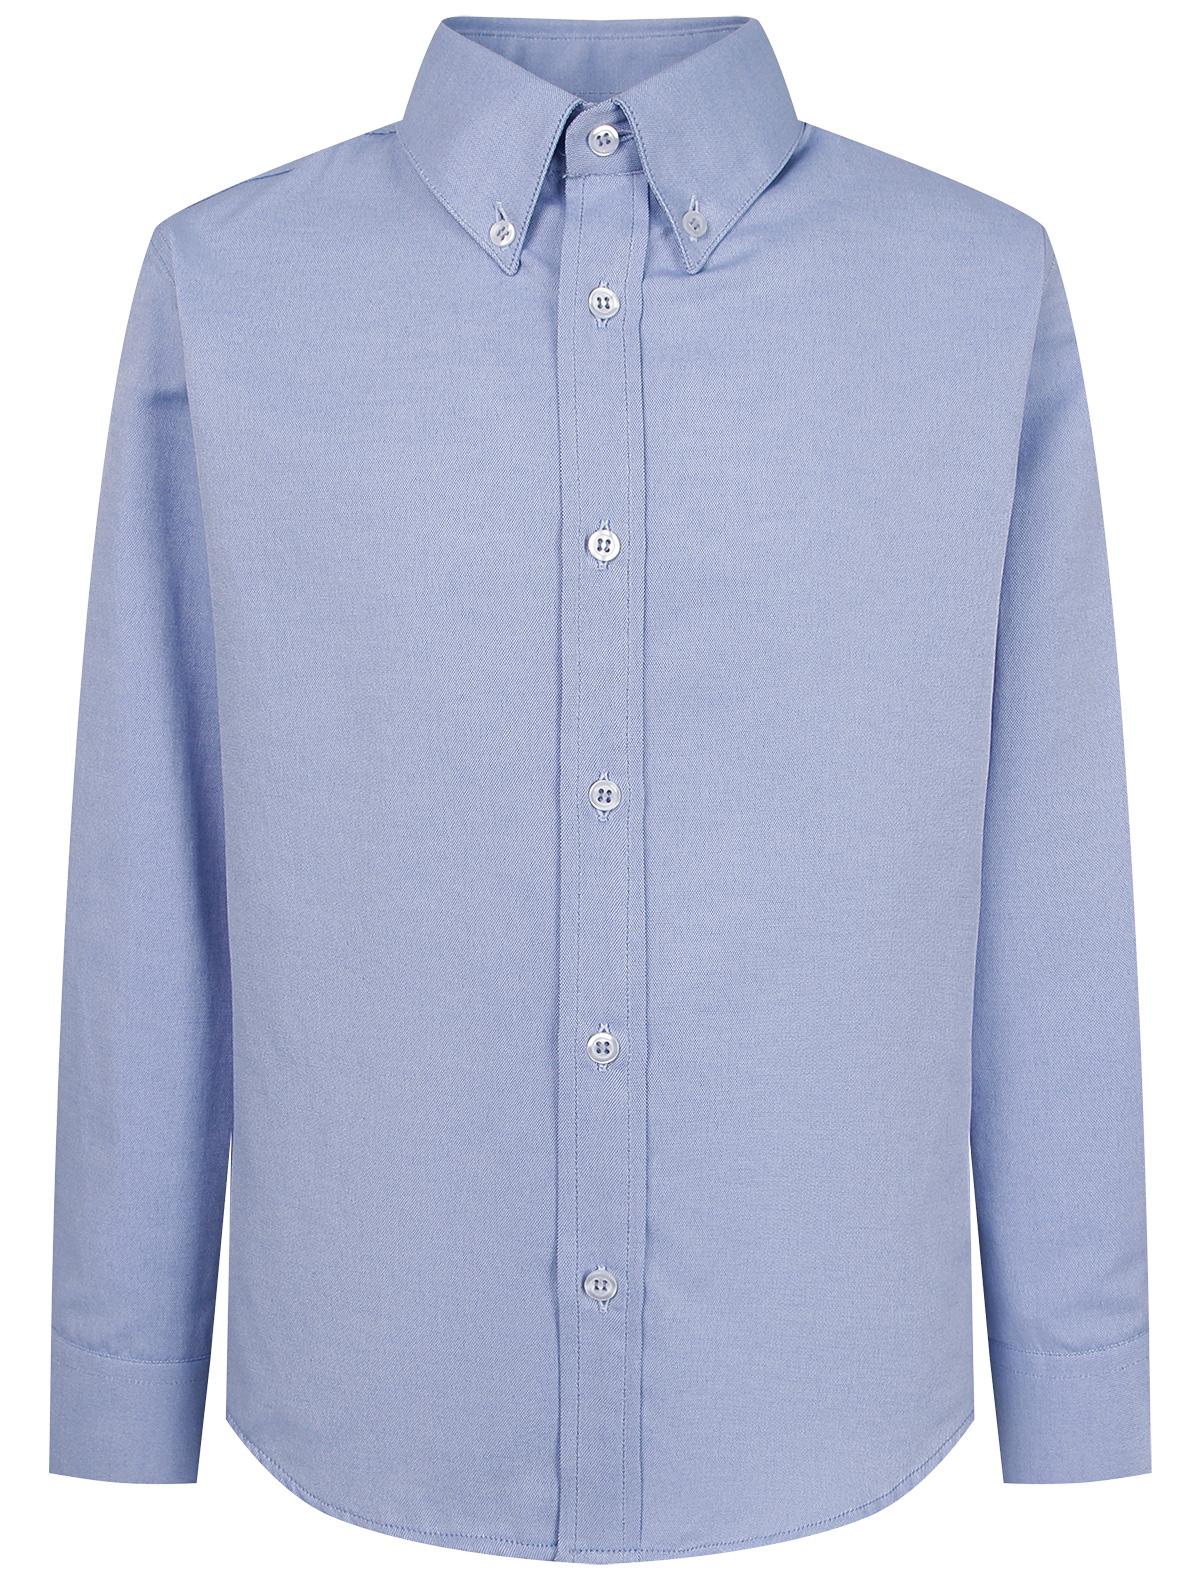 Купить 2226158, Рубашка Malip, голубой, Мужской, 1014519082128